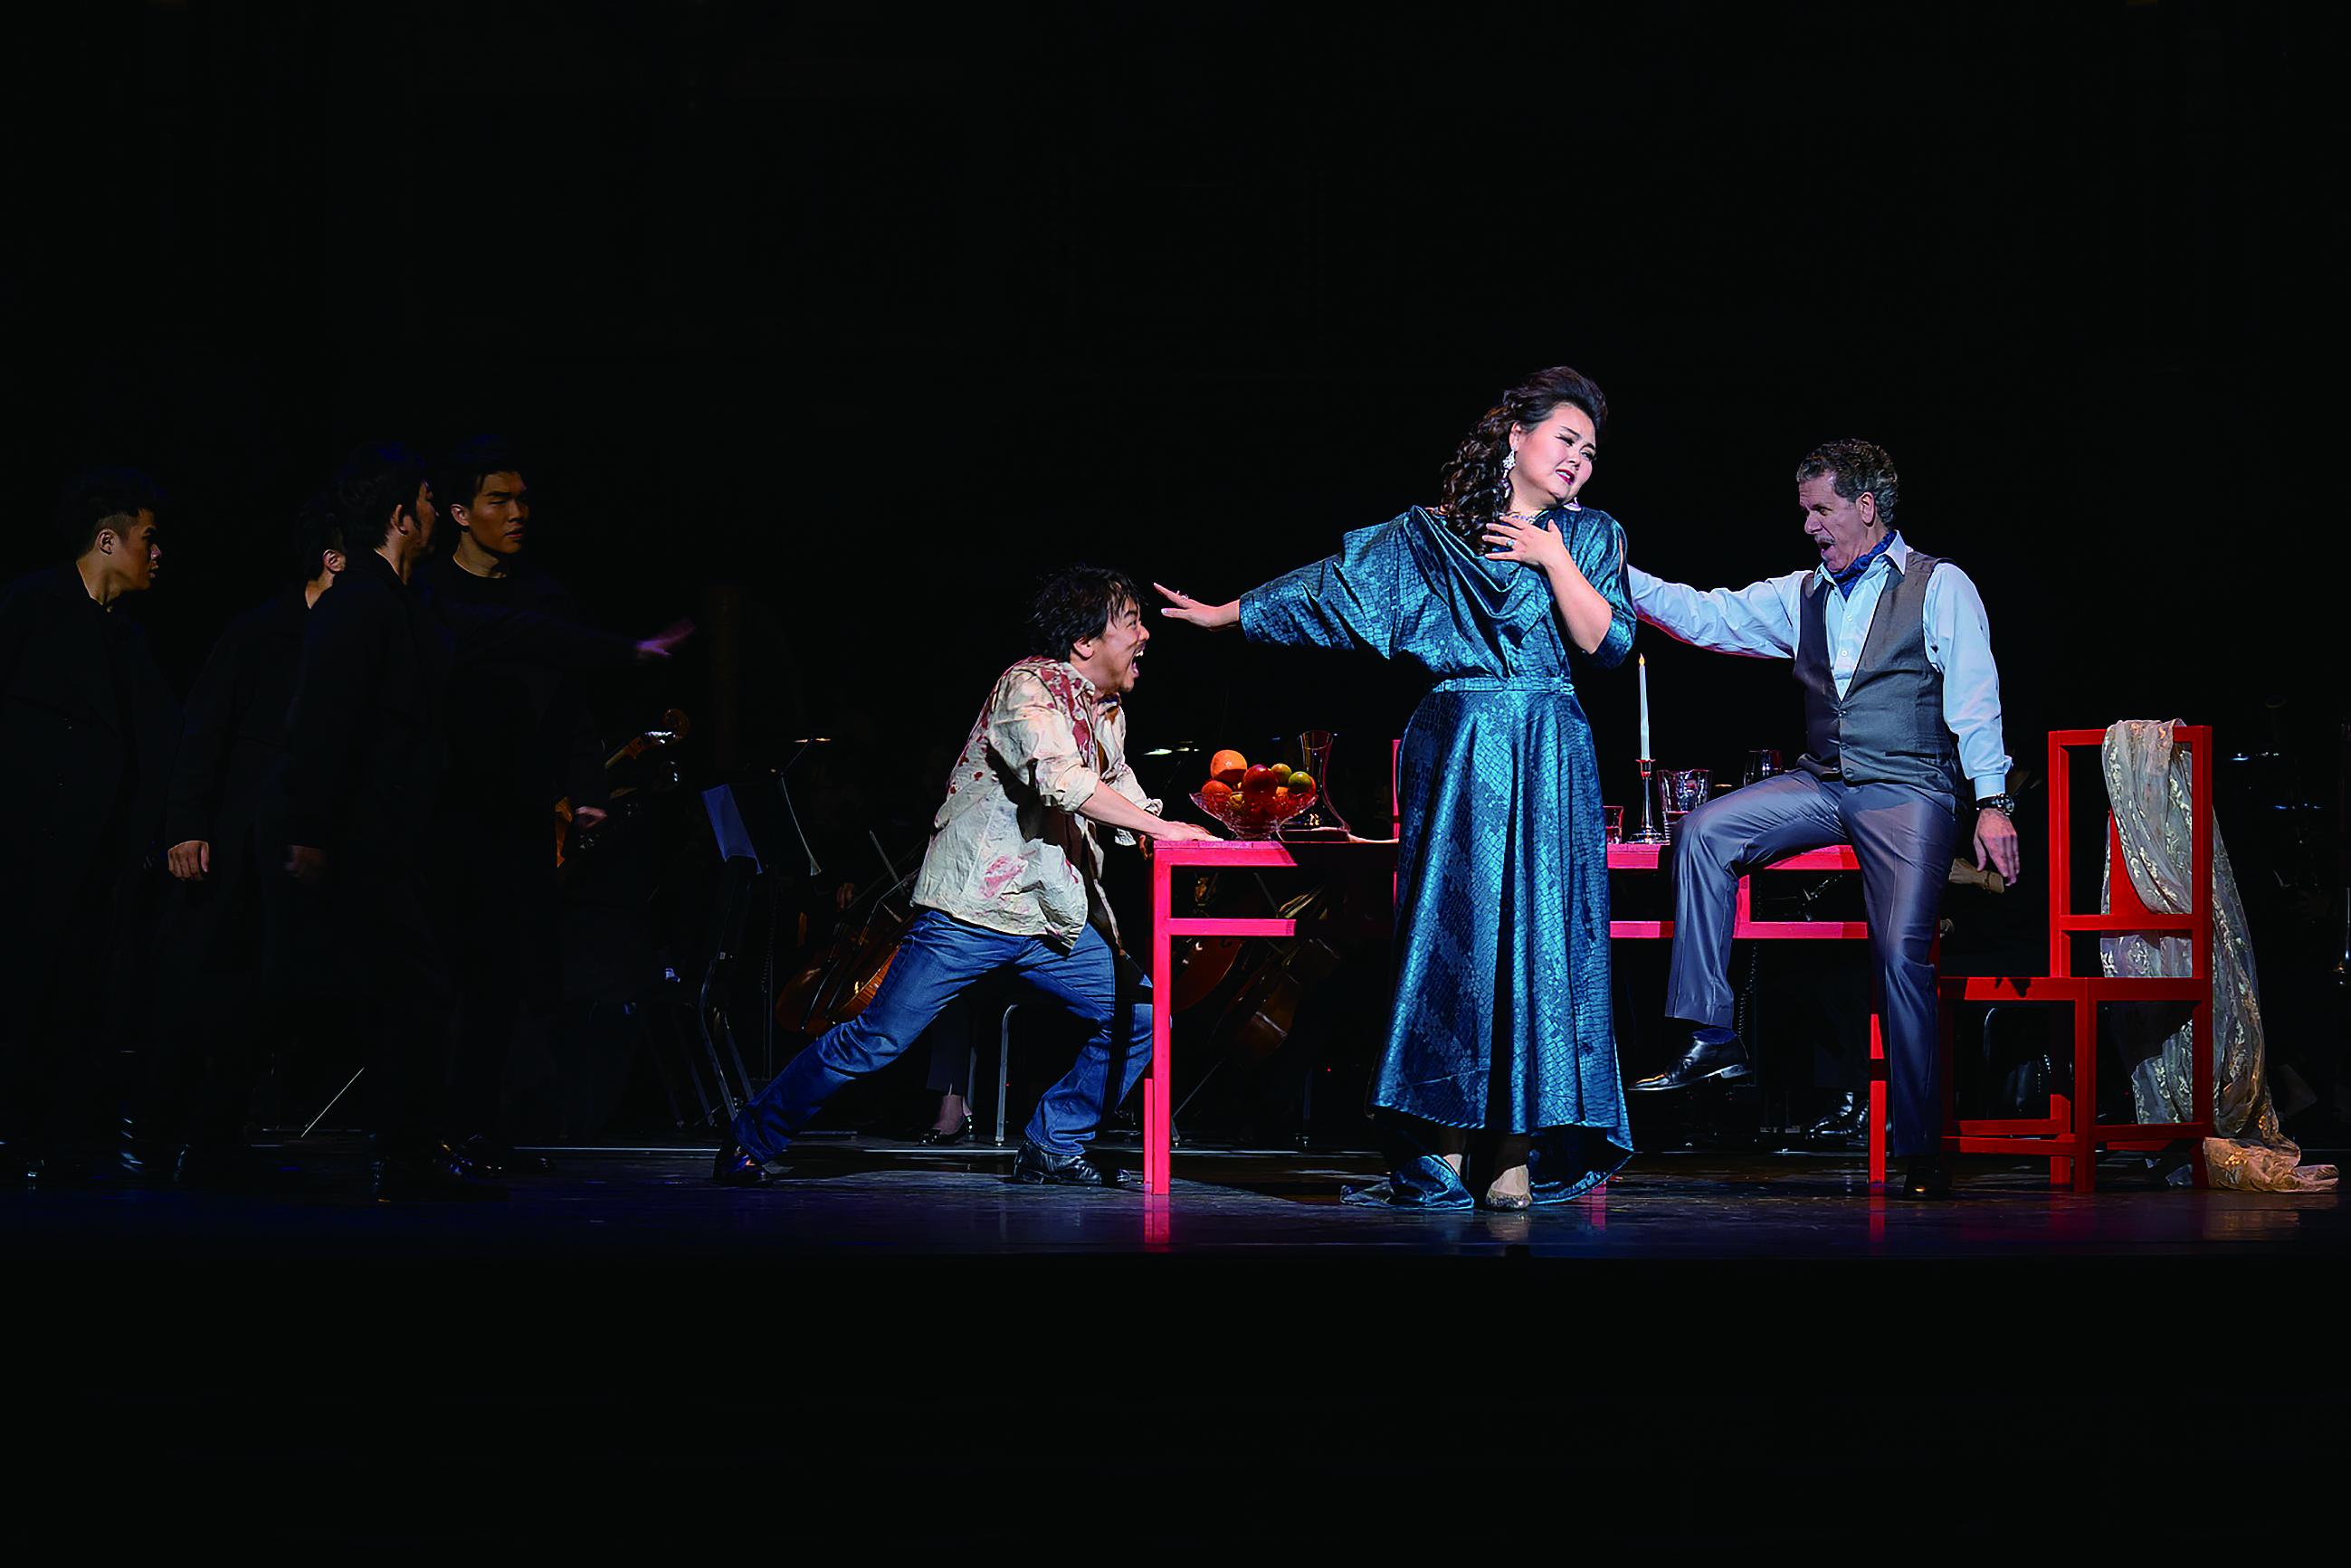 西方歌劇《托斯卡》以「一桌二椅」中國傳統京劇虛擬手法,烘托義大利寫實主義盪氣迴腸的愛情故事。.jpg